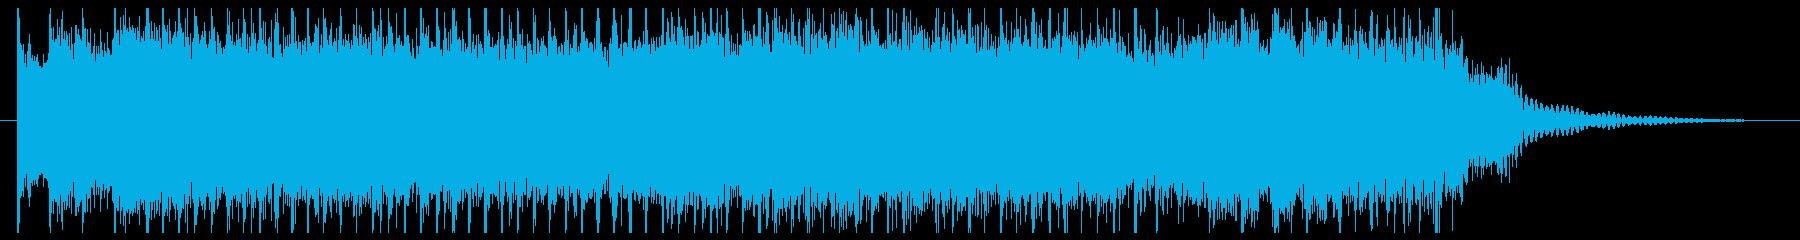 勢いのあるパンク系ロックのジングルの再生済みの波形